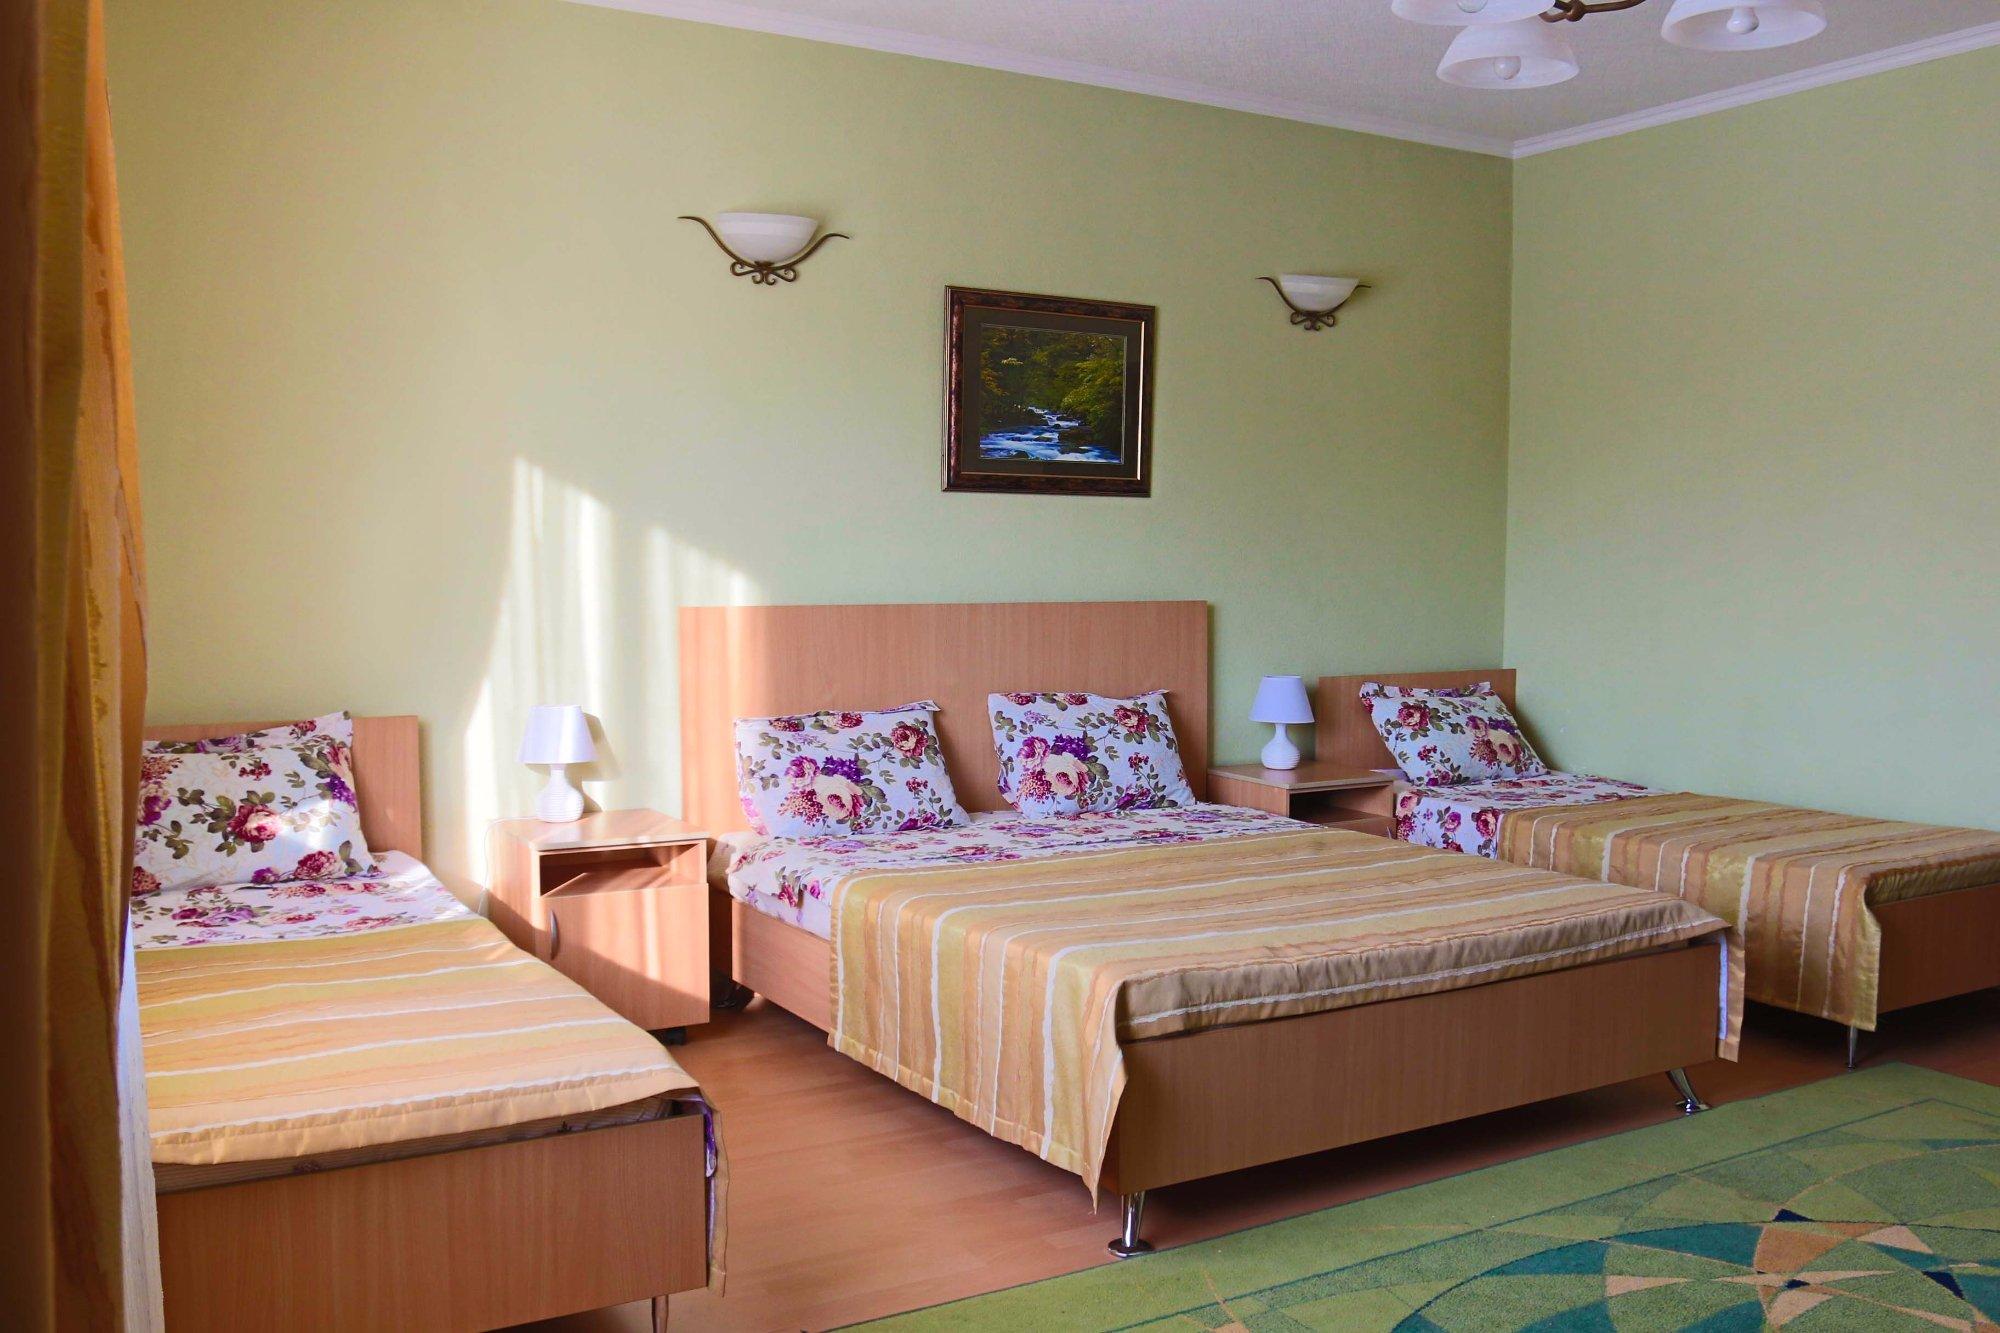 гостиница фрегат петрозаводск официальный